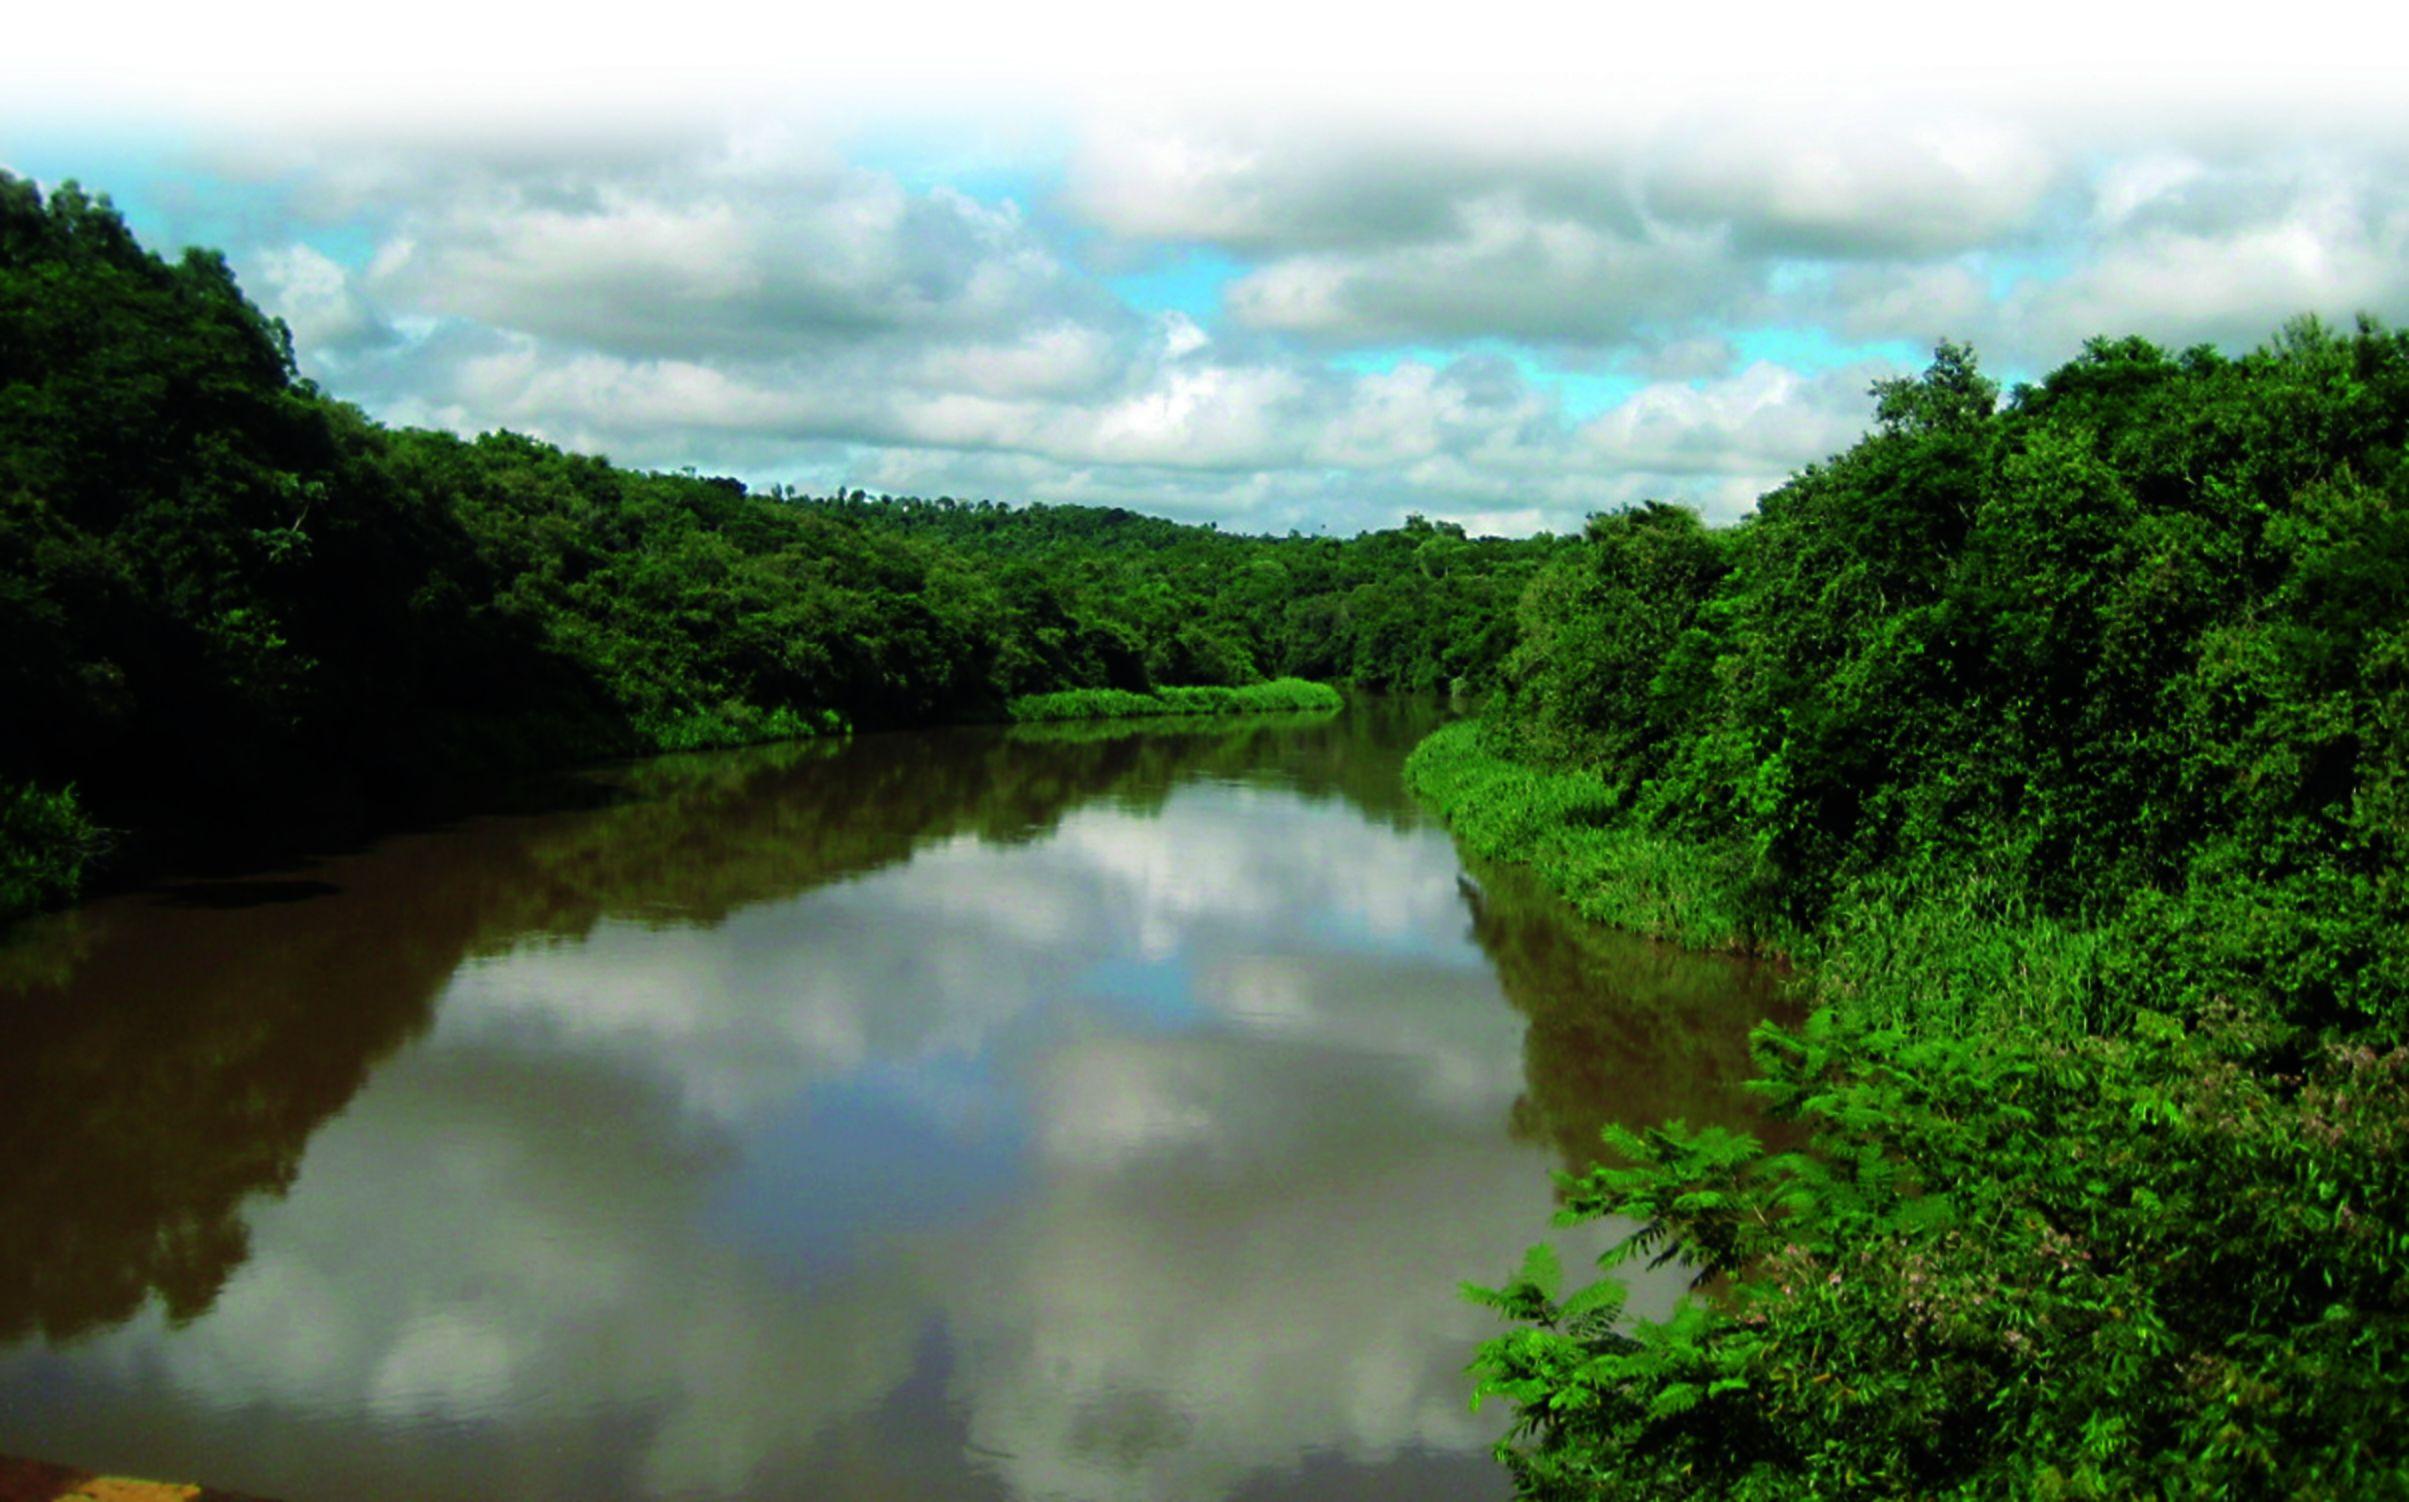 Reserva natural. Un total de 4.832 hectáreas, entre La Paloma, Salto del Guairá y Puerto Adela, de Canindeyú, ocupa este paradisiaco espacio, donde conviven especies en peligro de extinción.